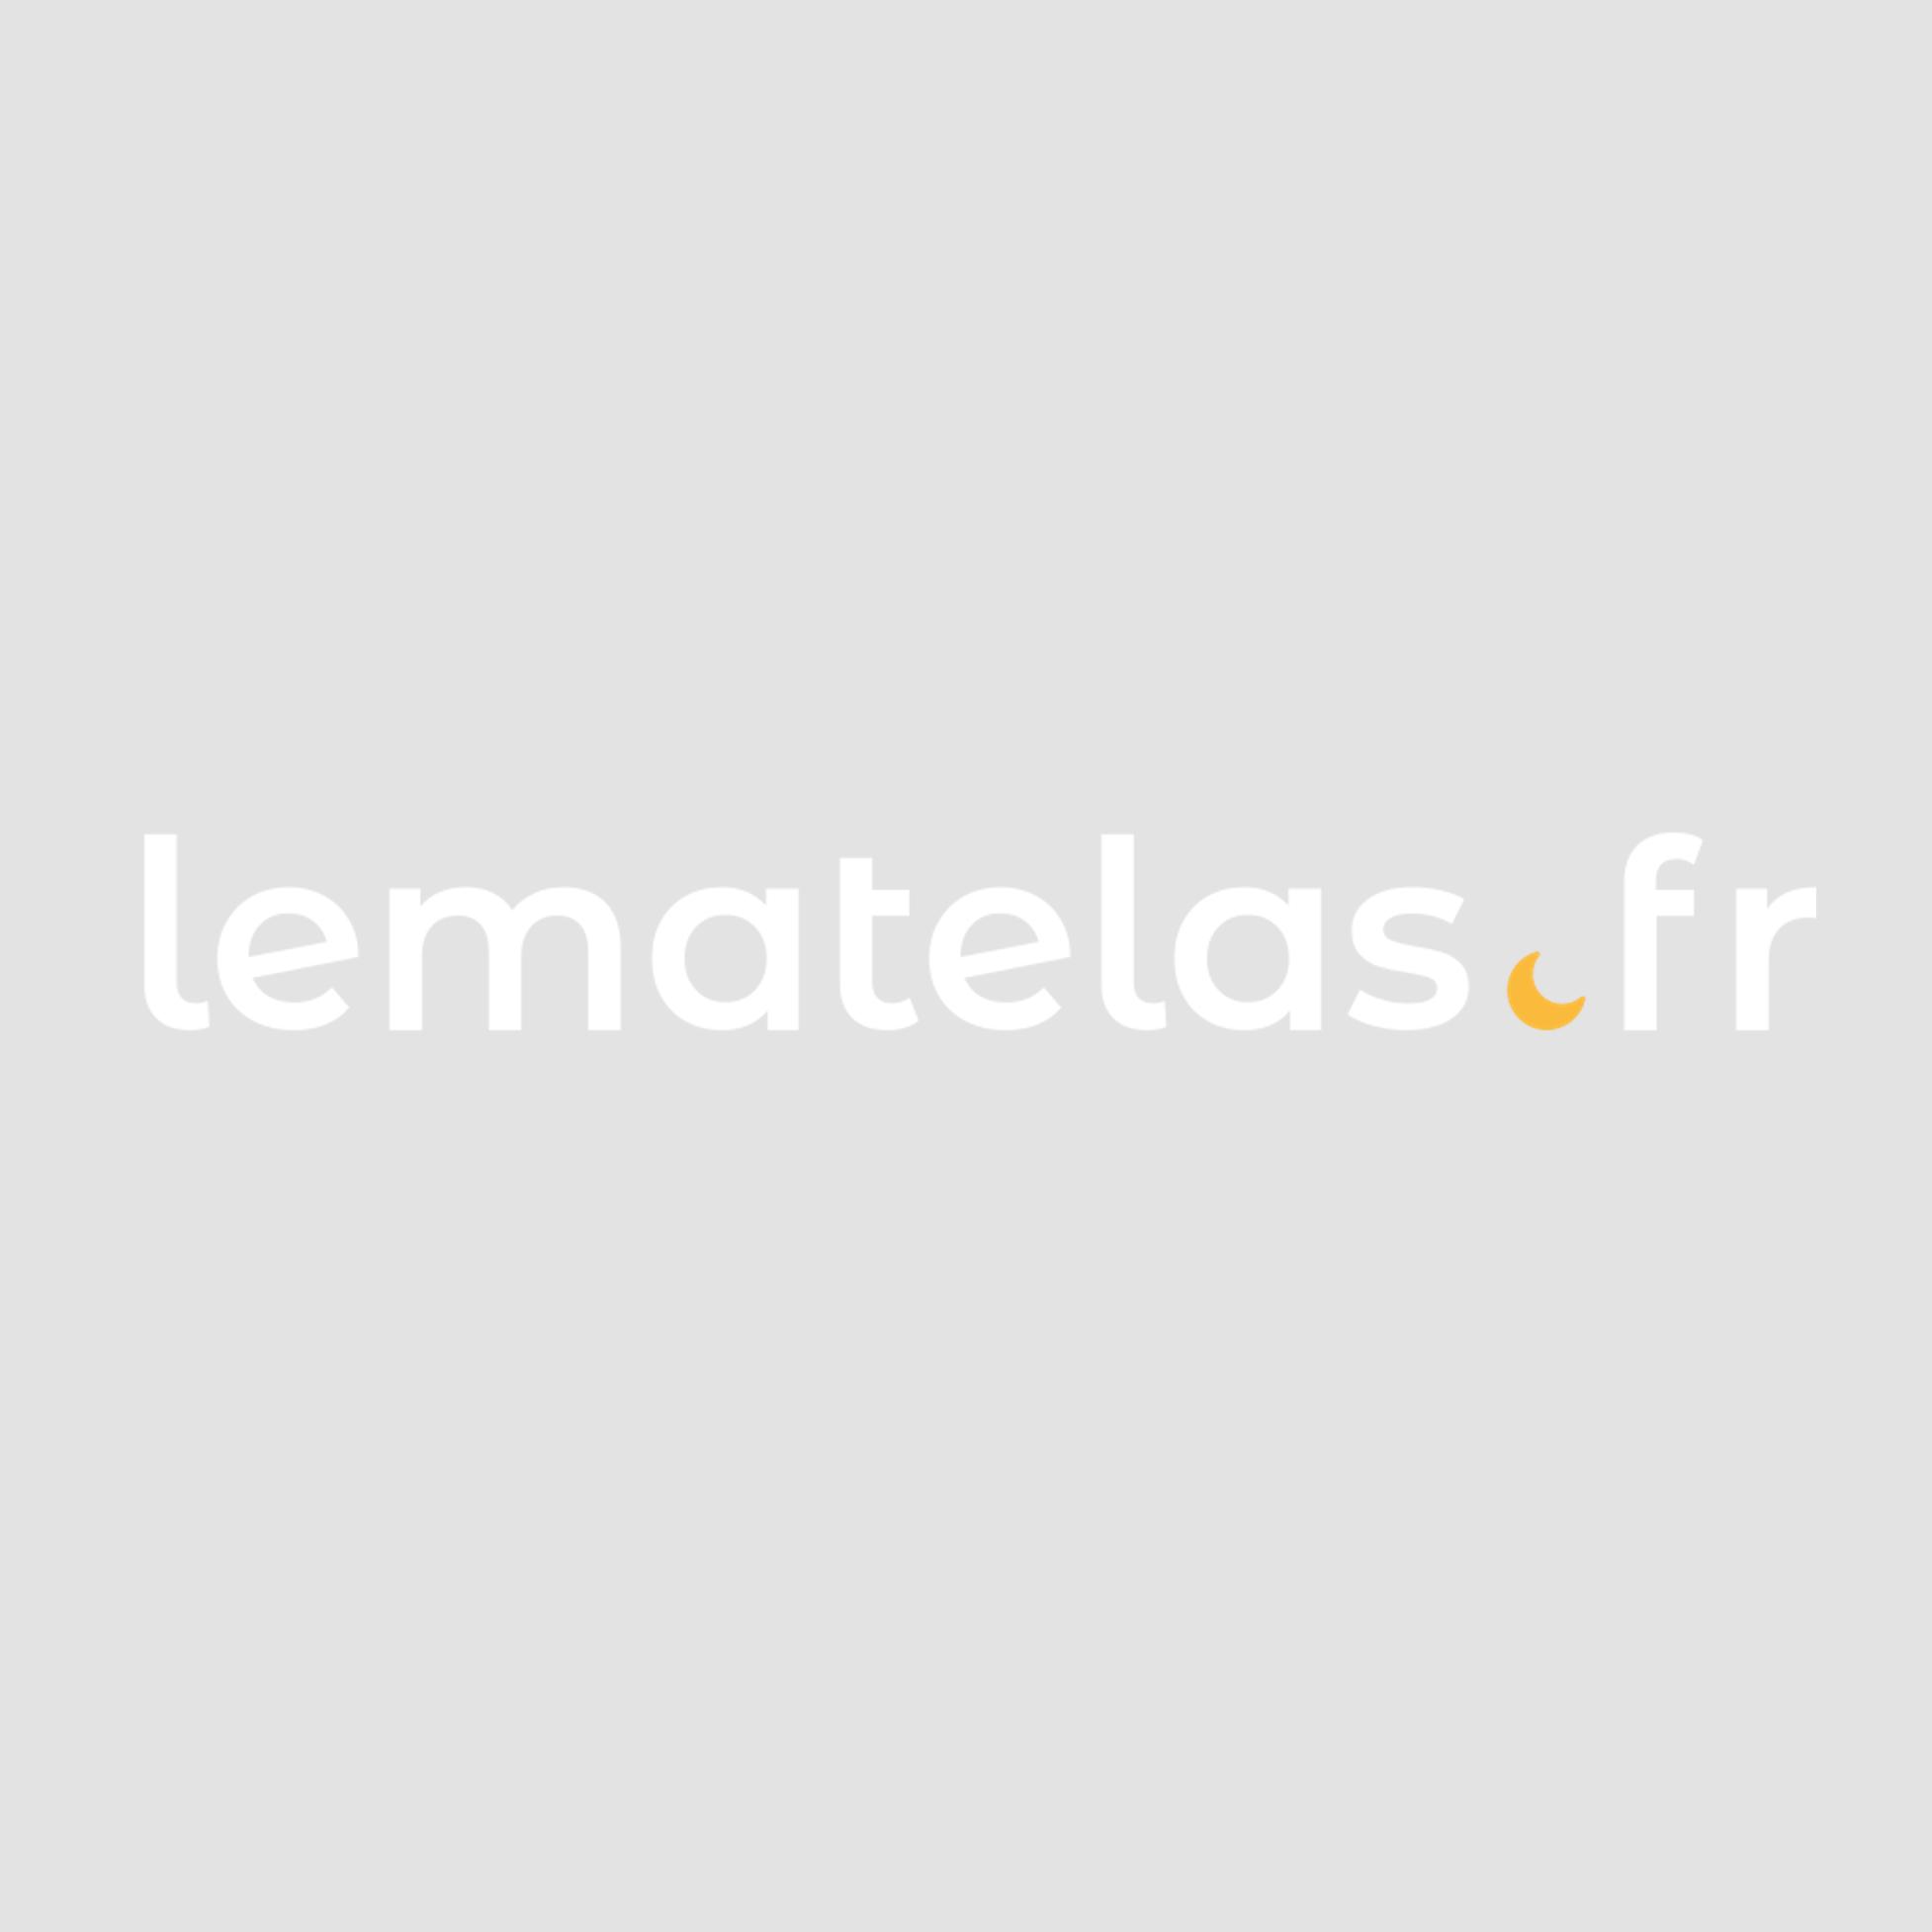 Parure de lit enfant Lamatitude 140x200 cm